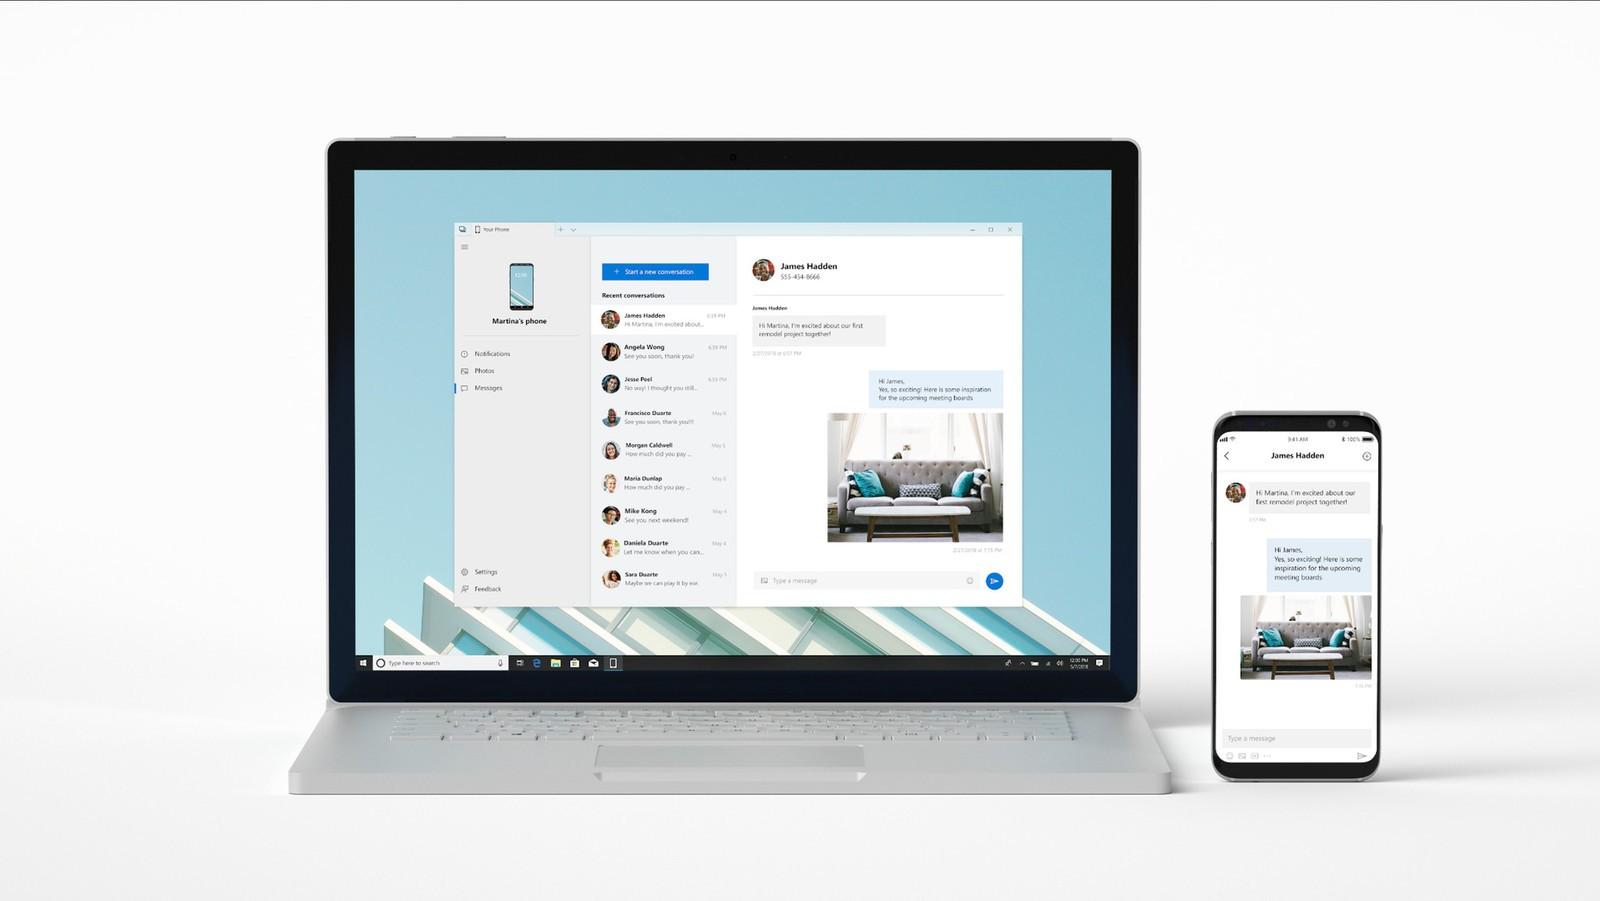 Yeni Microsoft Uygulaması Your Phone Play Store 'da!